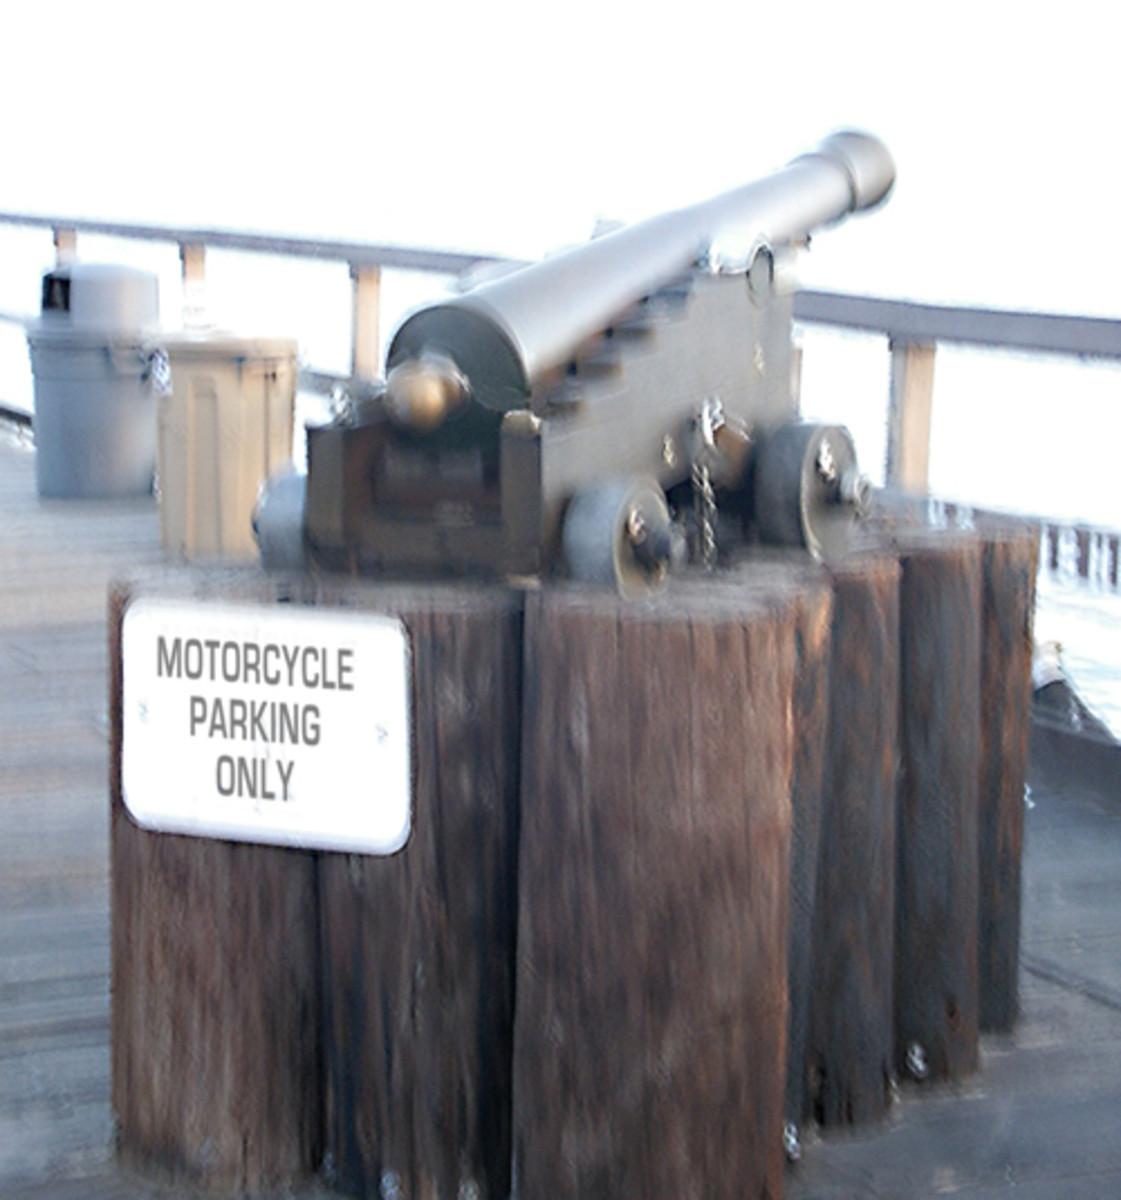 On the Santa Barbara pier in California.